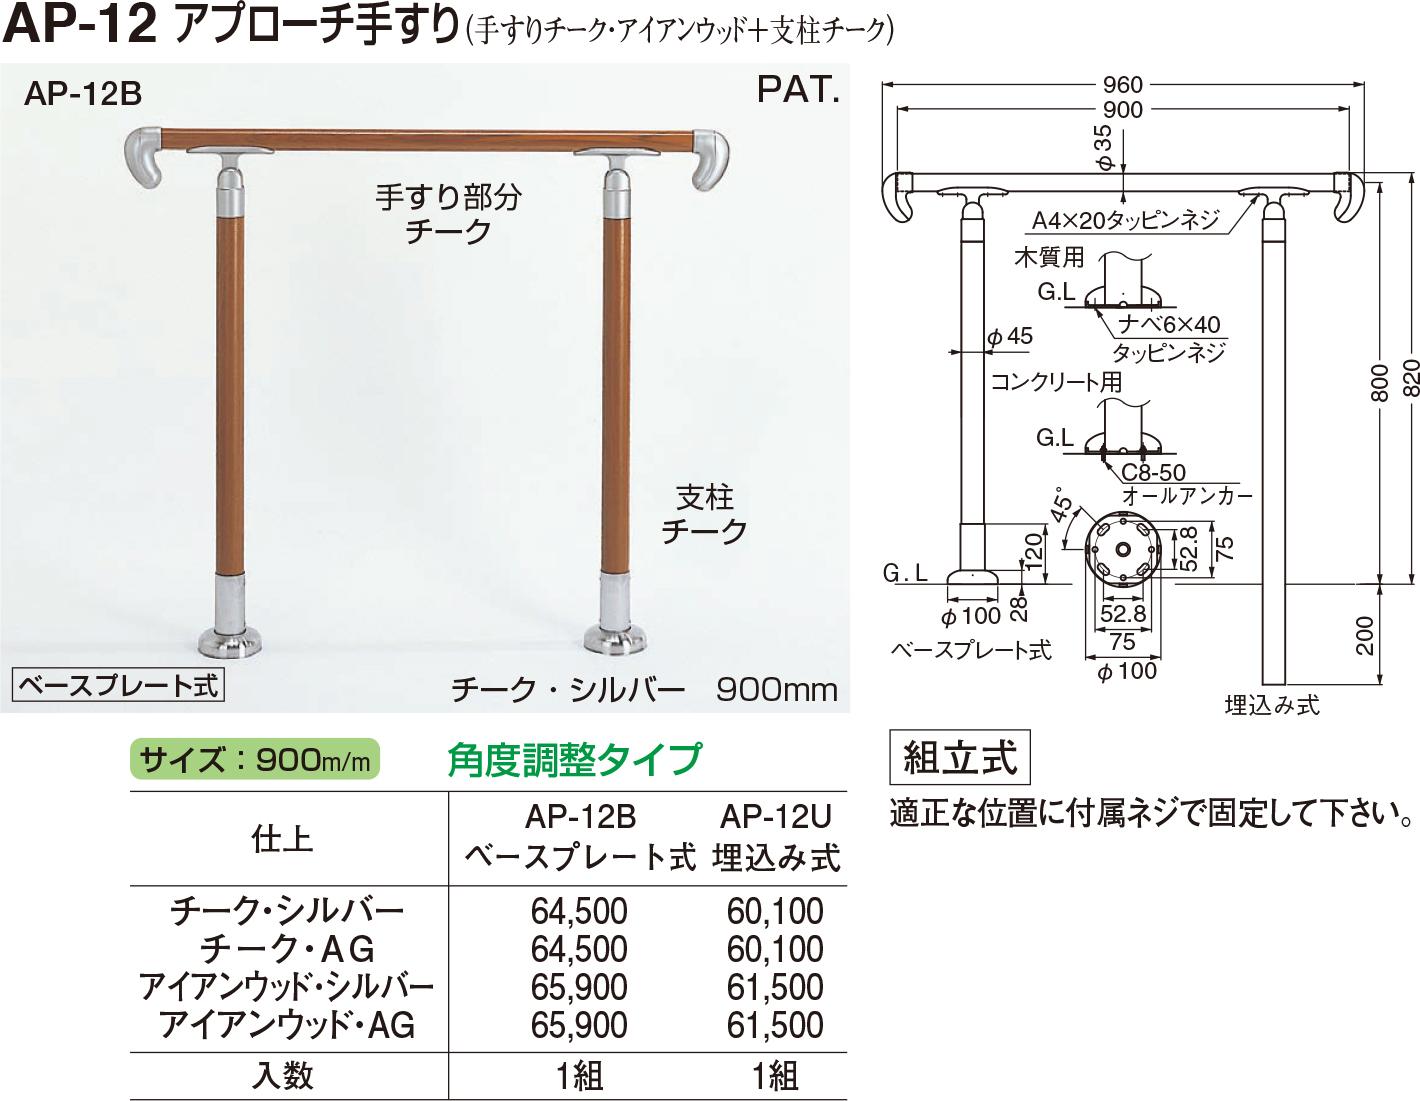 【シロクマ】アプローチ手すり(埋込) AP-12U アイアンウッド・シルバー